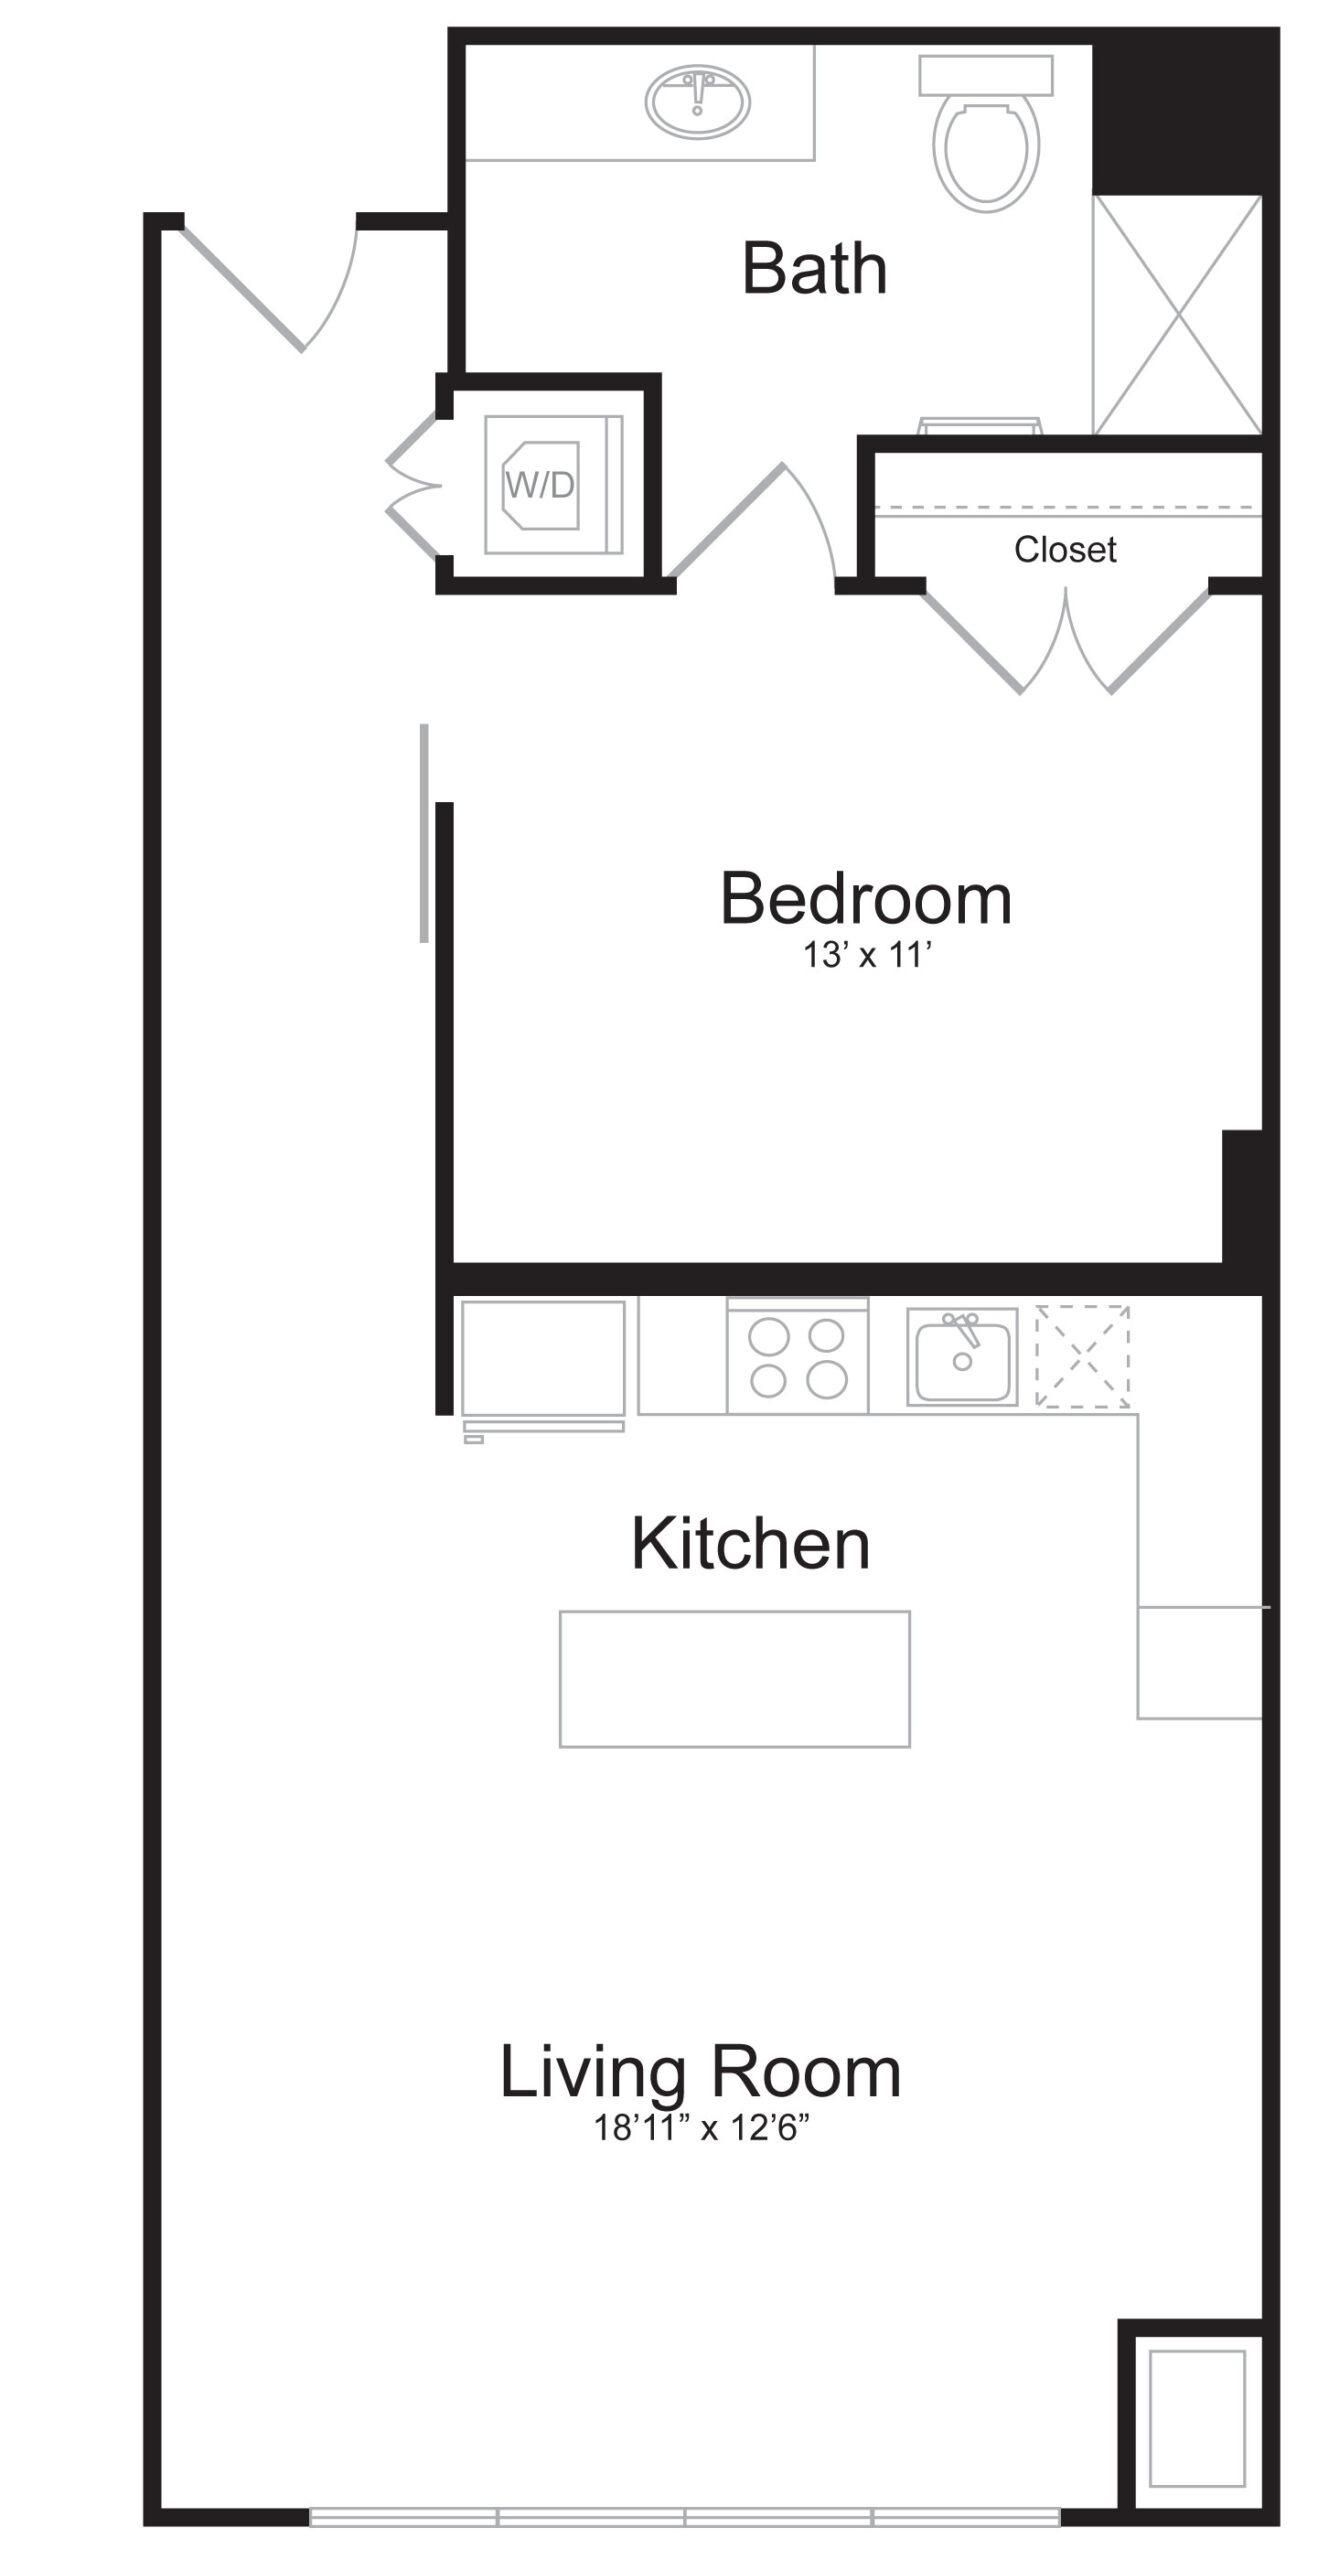 C4 - 1 Bed 1 Bath - 805 SF